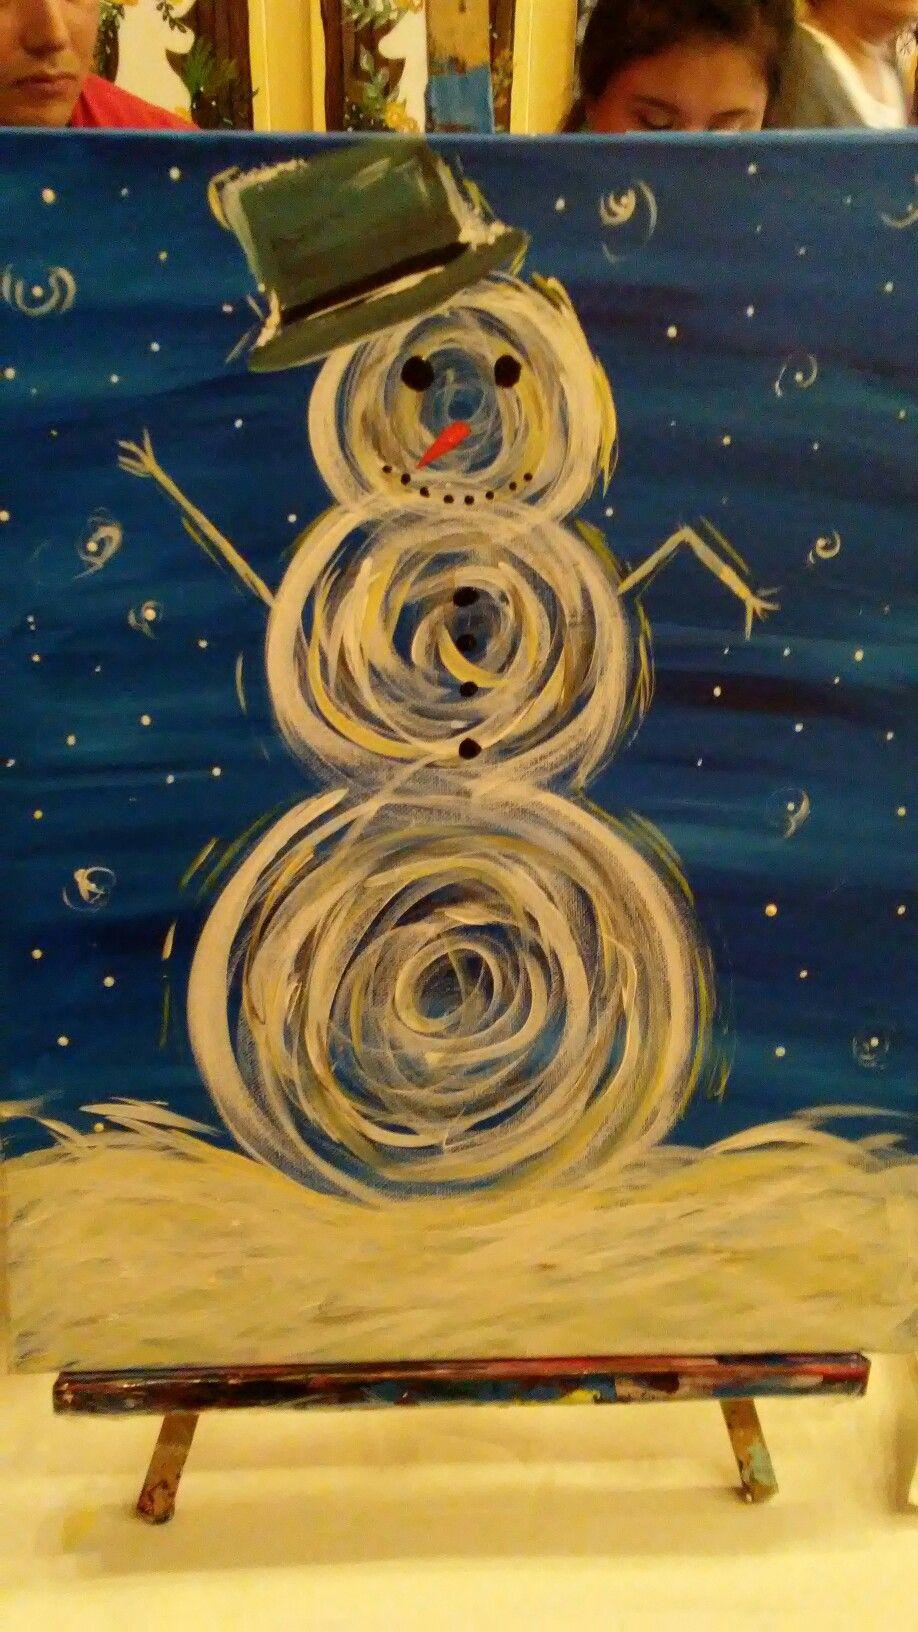 PWAT snowman. 11/25/16